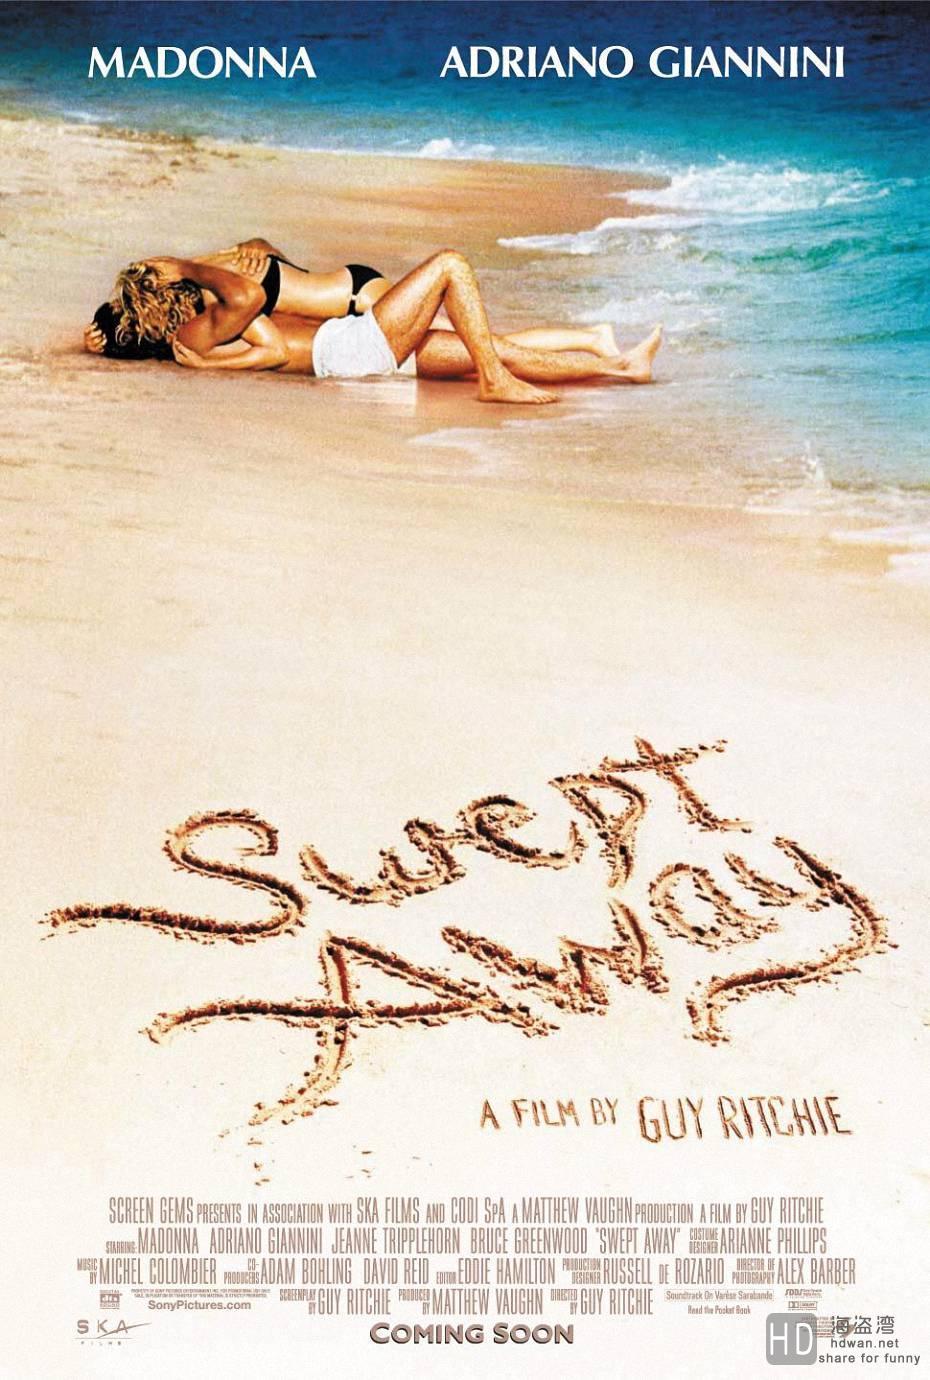 [2002][英国][浩劫妙冤家 Swept Away][DVD/MKV/BT电影下载]